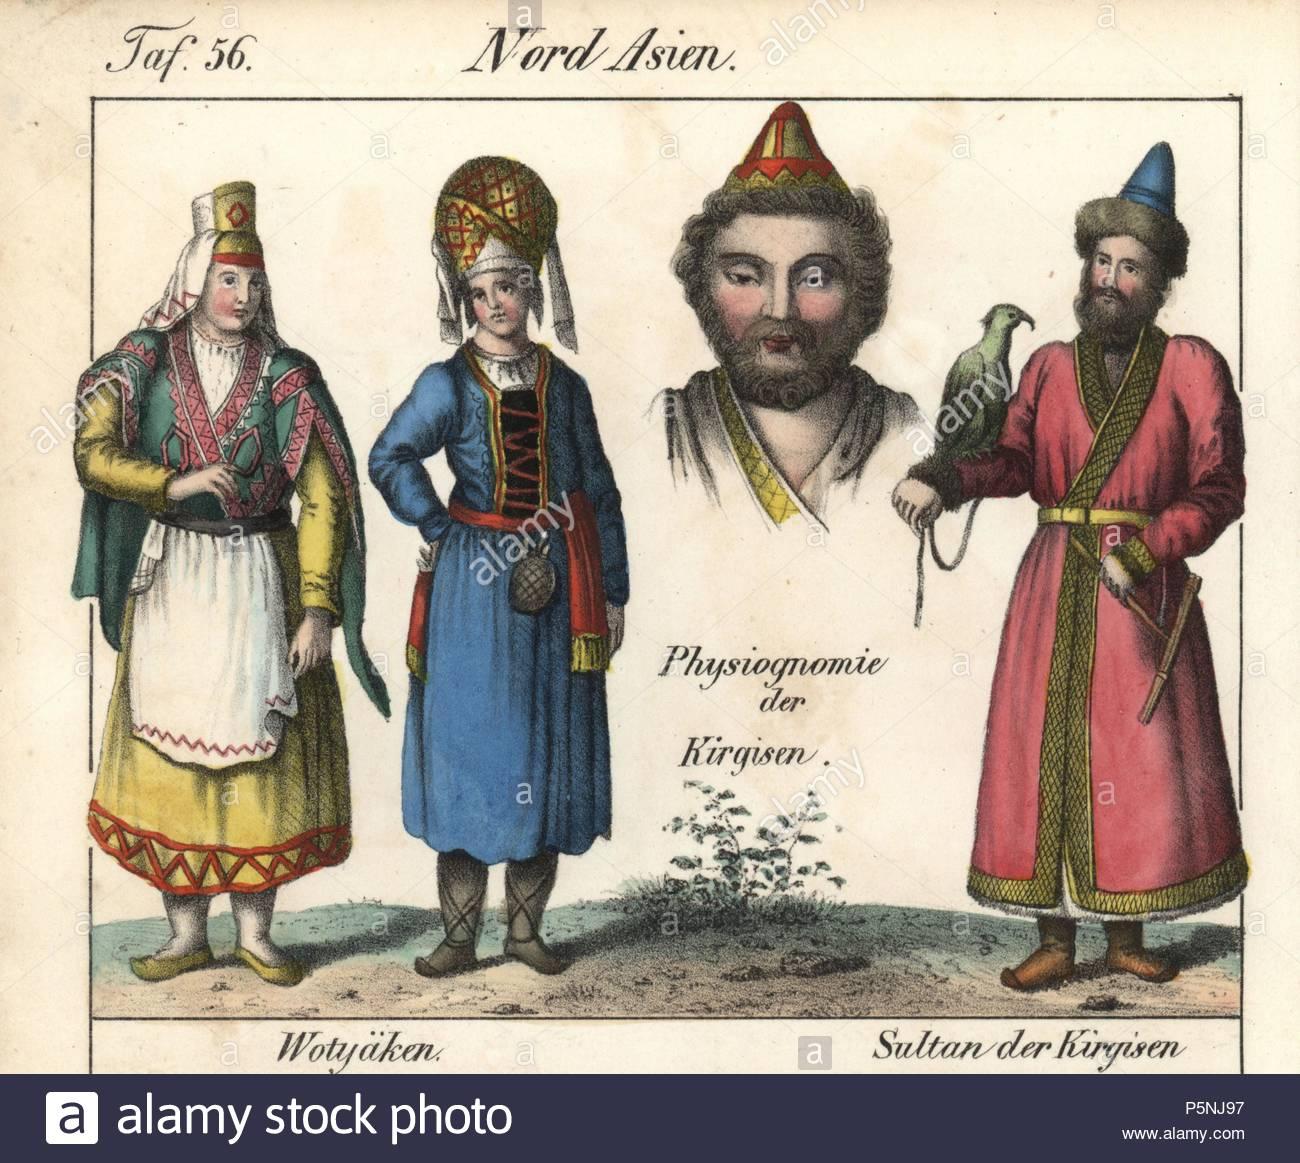 1835-1840.jpg